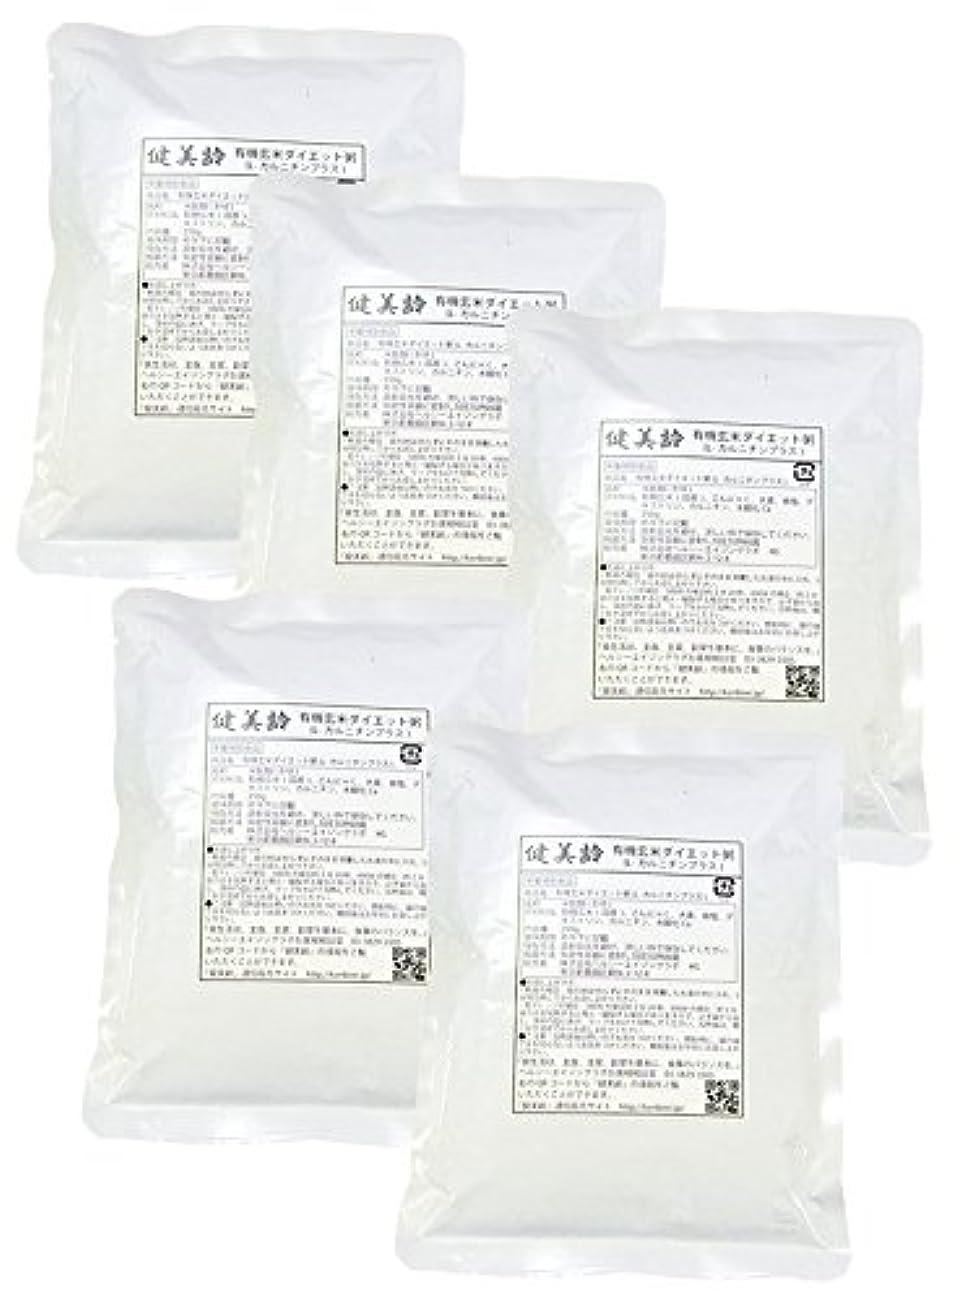 啓発する経験的アソシエイト健美齢KA-01ダイエット粥(5食セット)